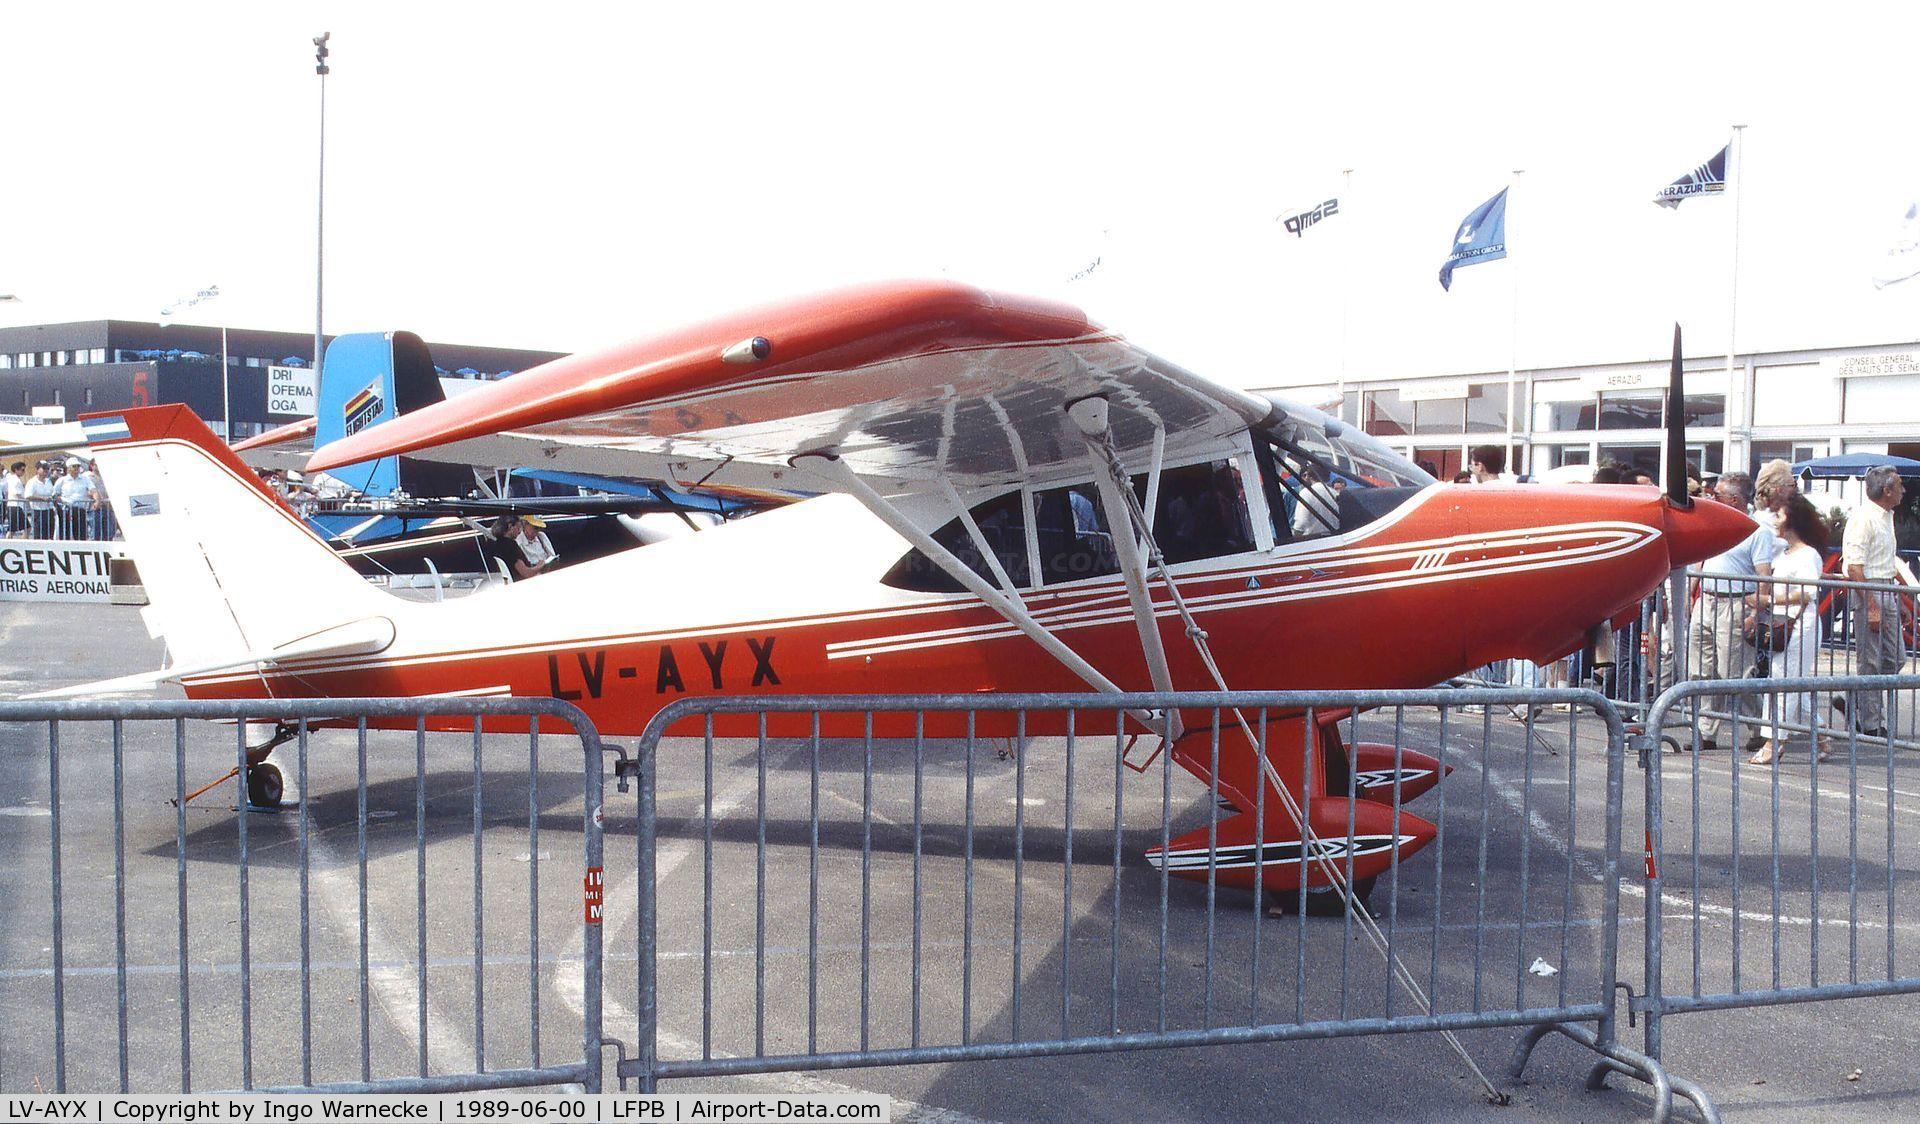 LV-AYX, Aero Boero 115 C/N 074, Aero Boero 115 at the Aerosalon 1989 Paris